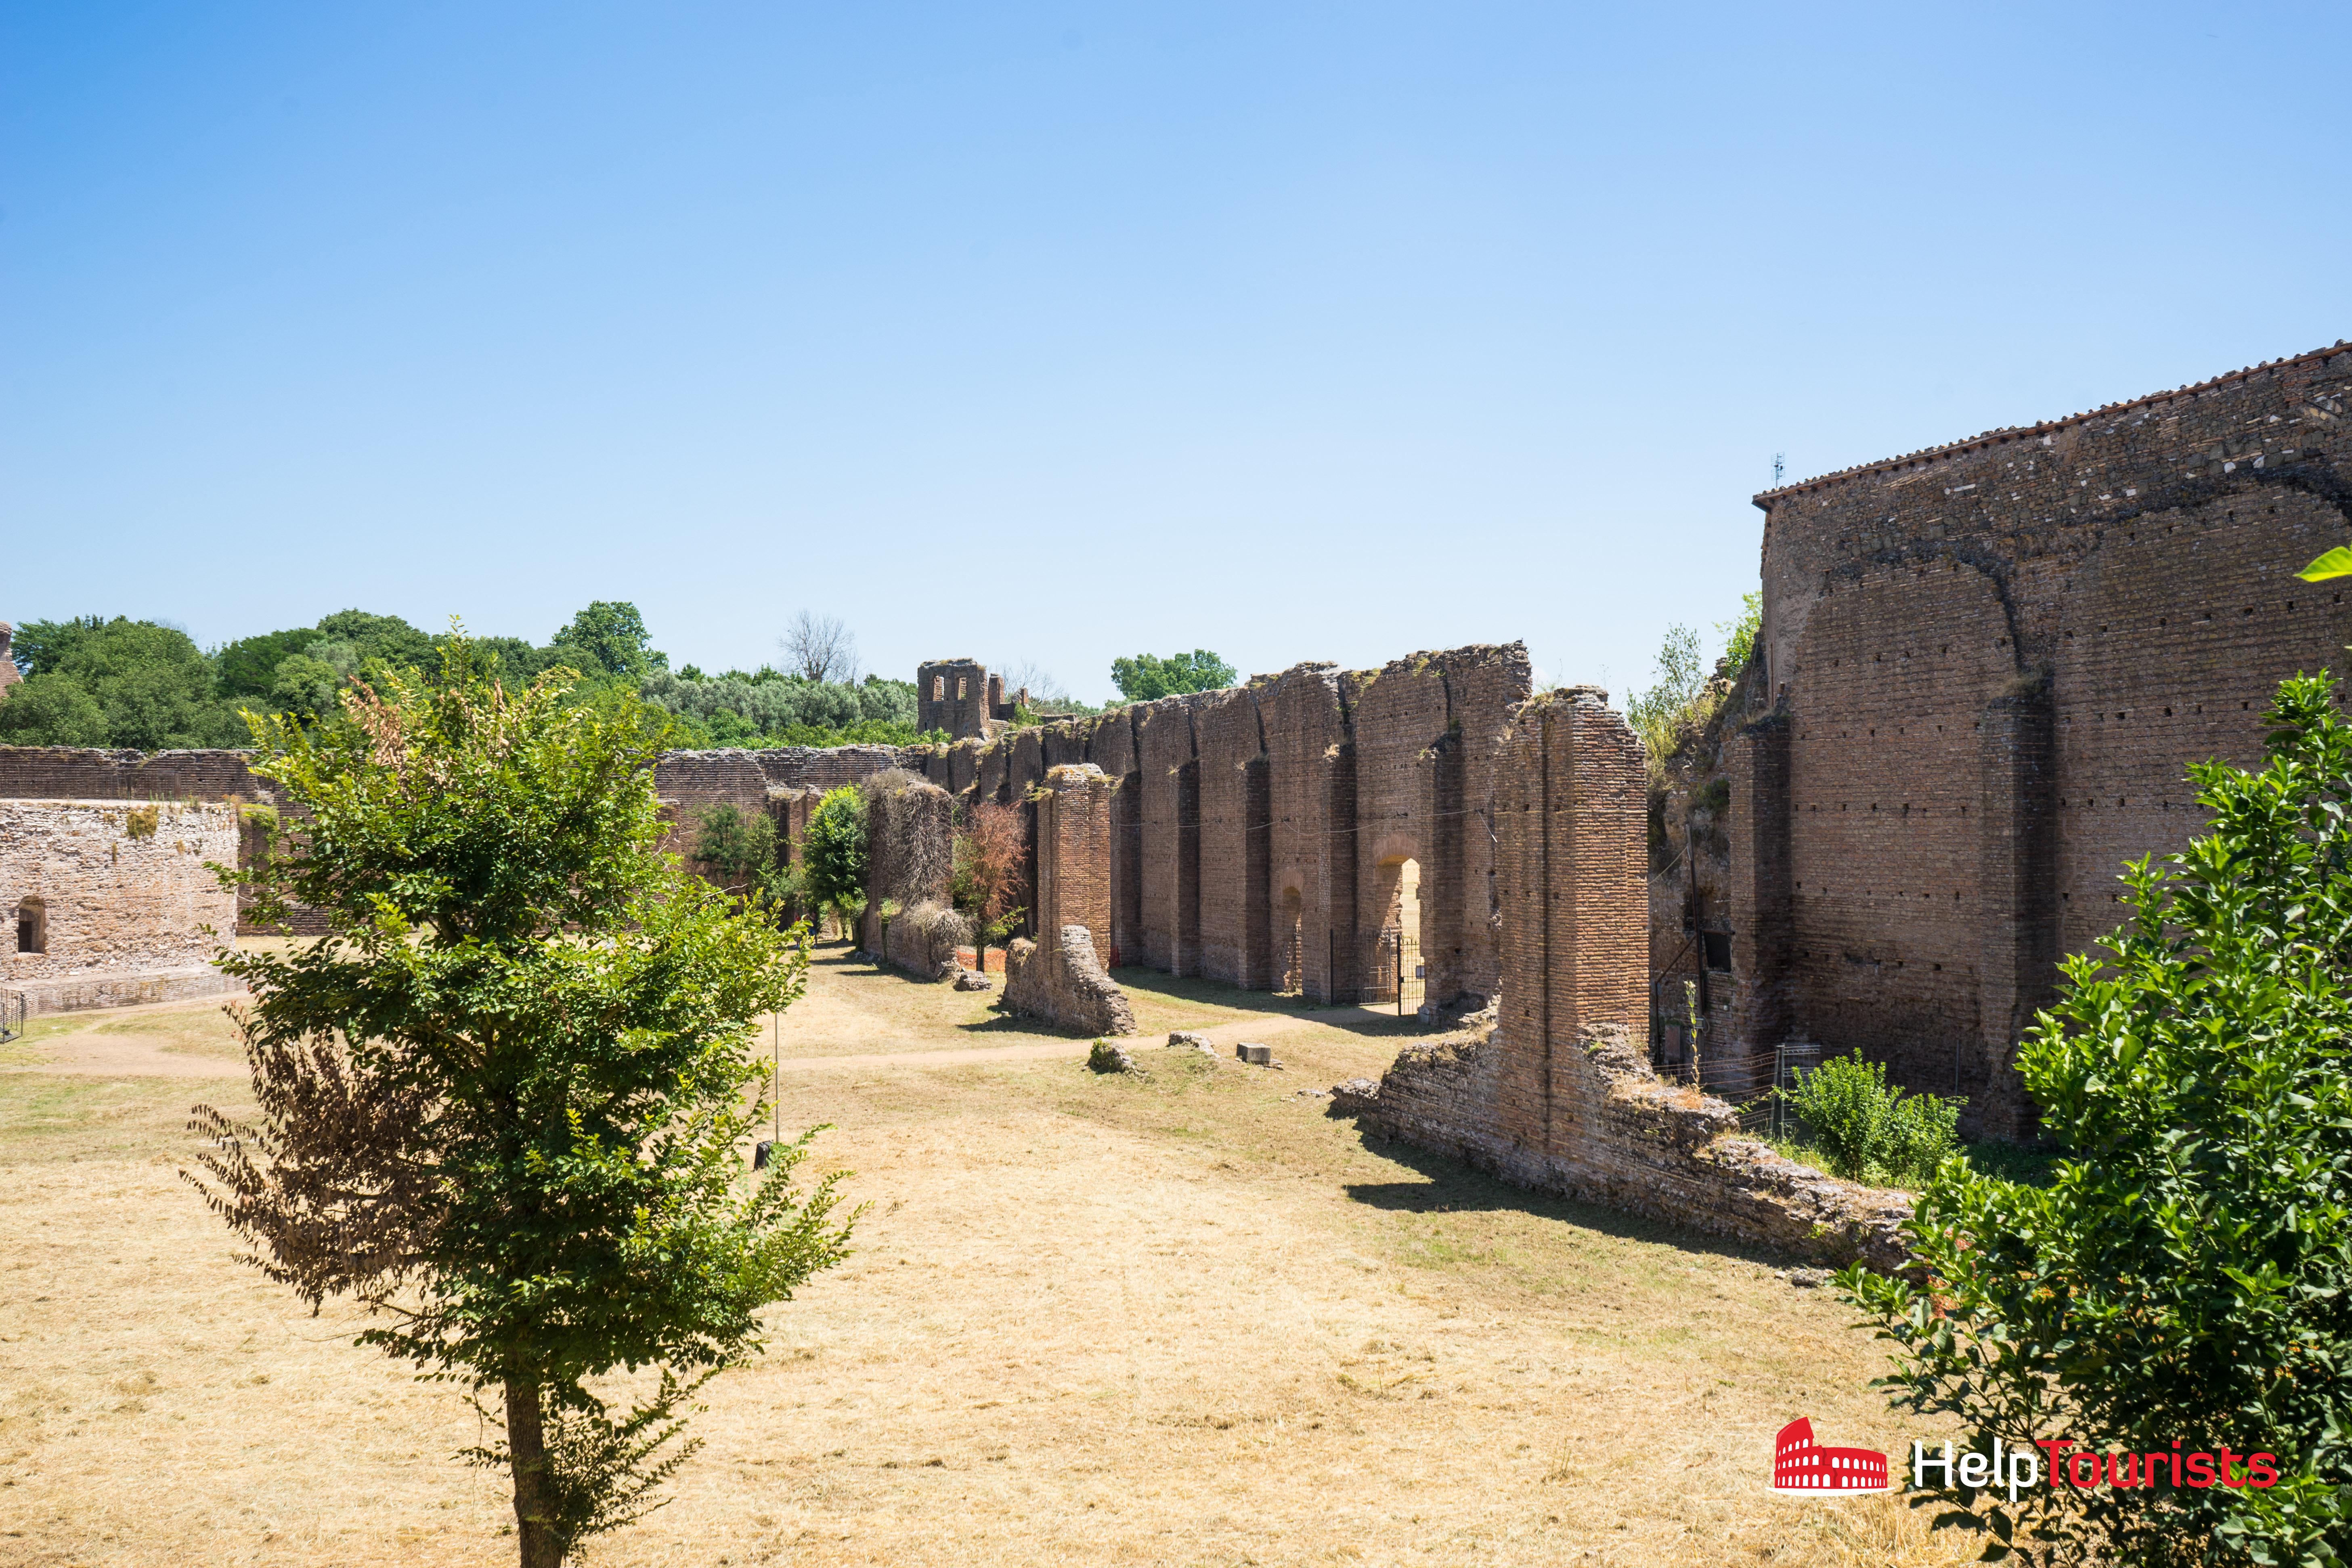 ROME_Via-Appia-Antica_Mausoleo-di-Romolo_l